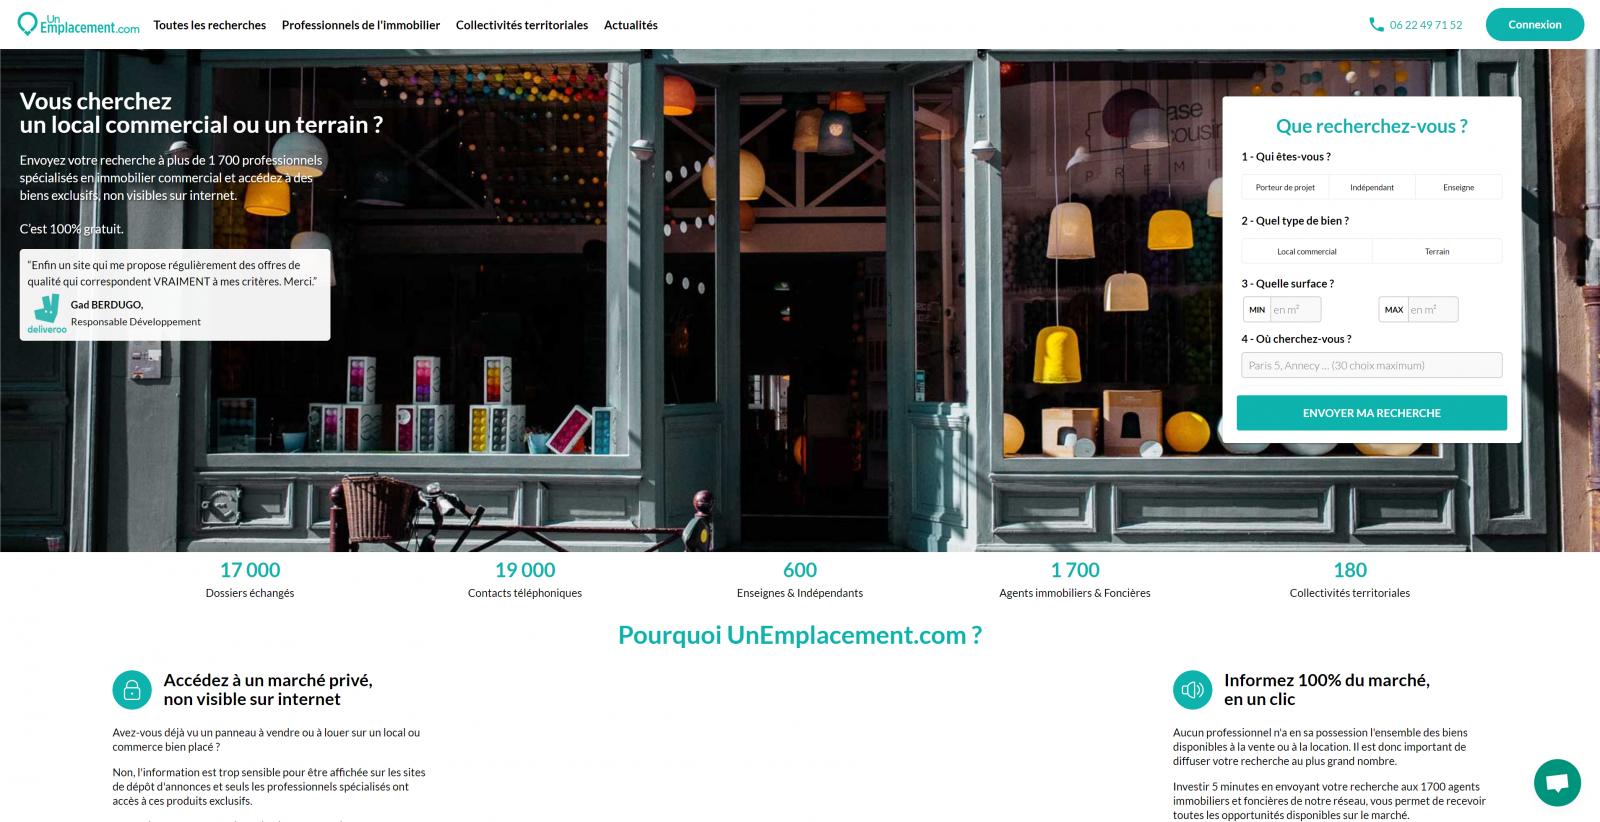 Unemplacement.com Le Meetic De L'immobilier Commercial